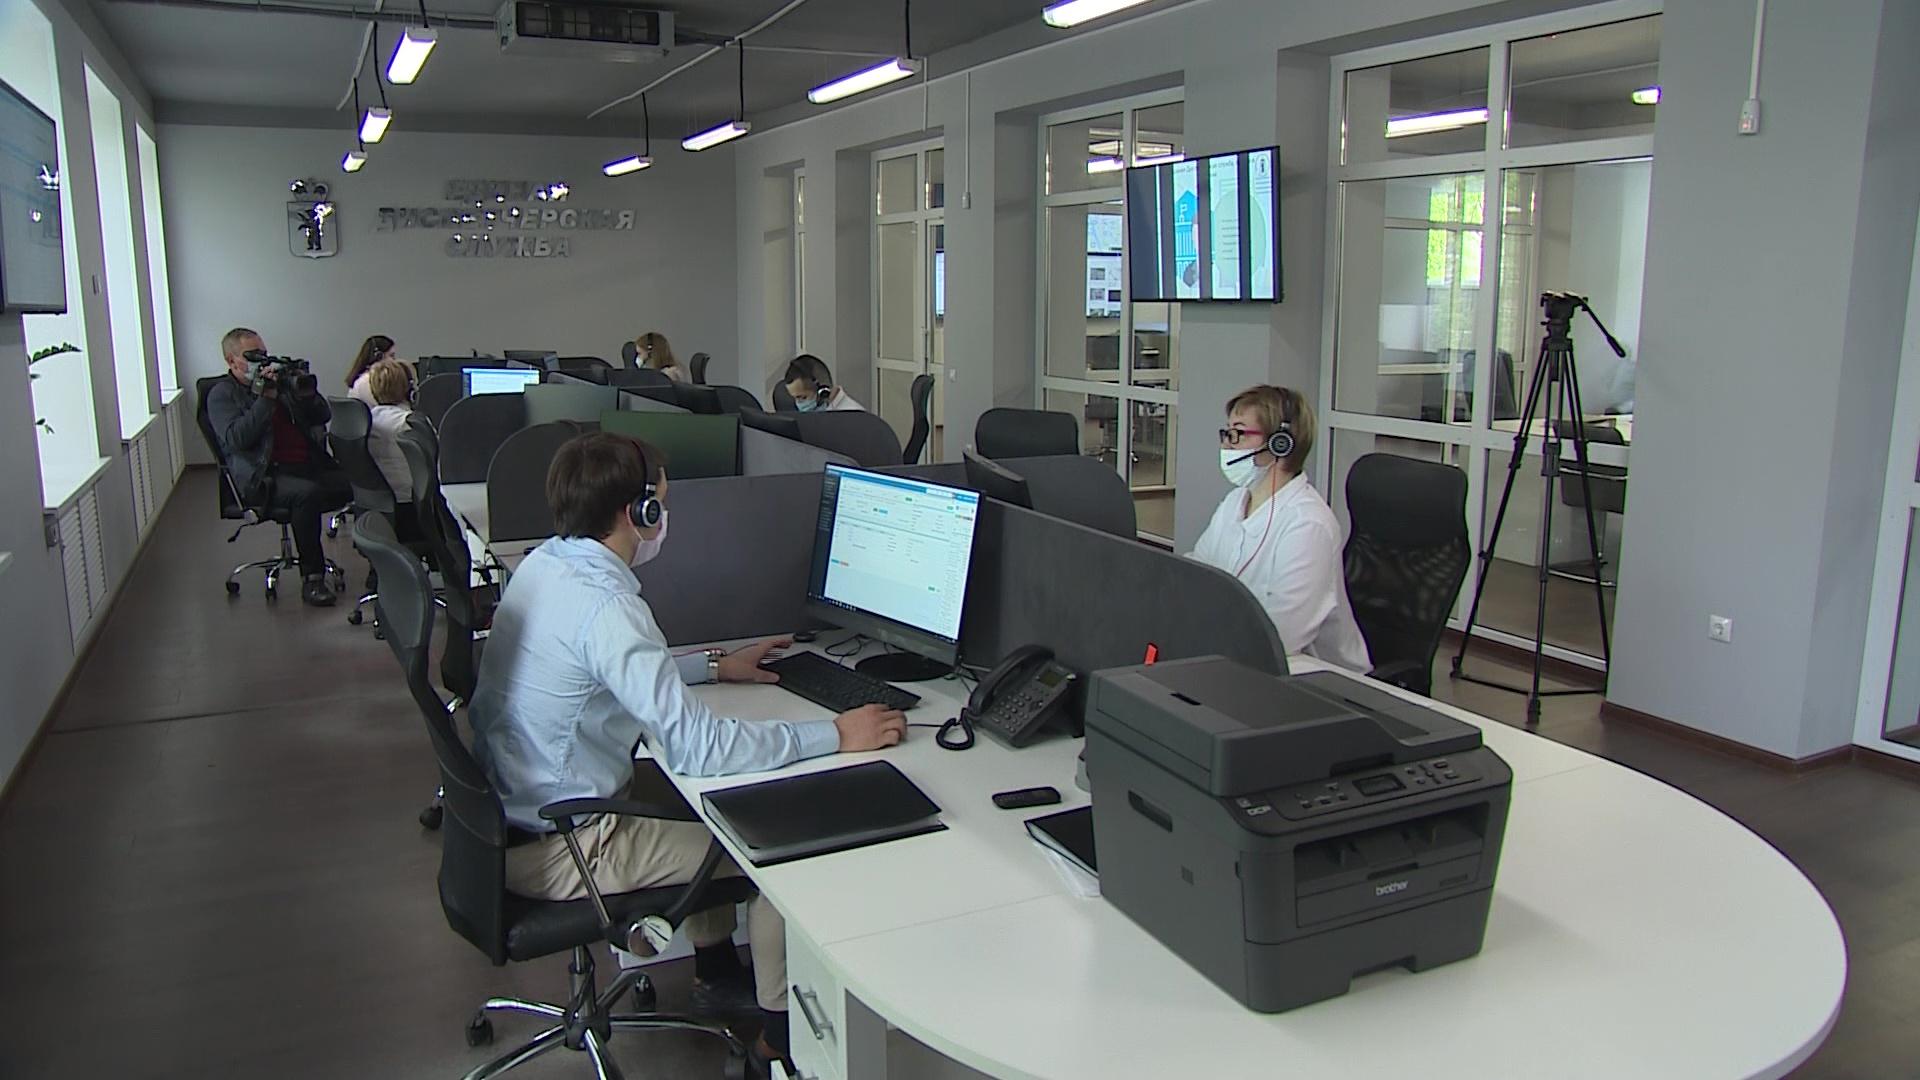 В Ярославле презентовали «Единую диспетчерскую службу ЖКХ»: зачем она нужна